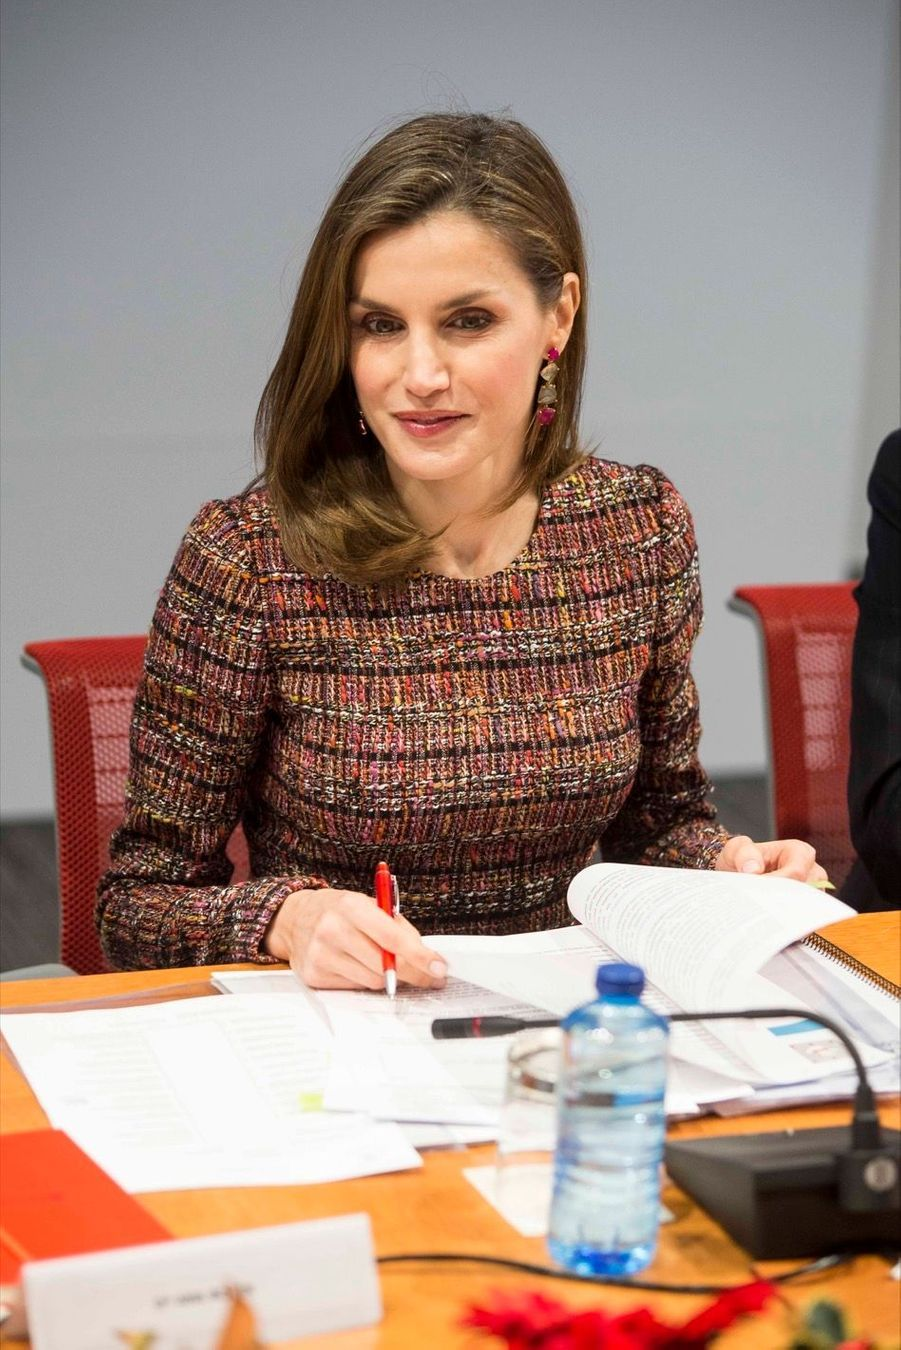 La Reine Letizia D'Espagne Lors D'une Réunion De La Fondation D'aide Contre La Toxicomanie 7